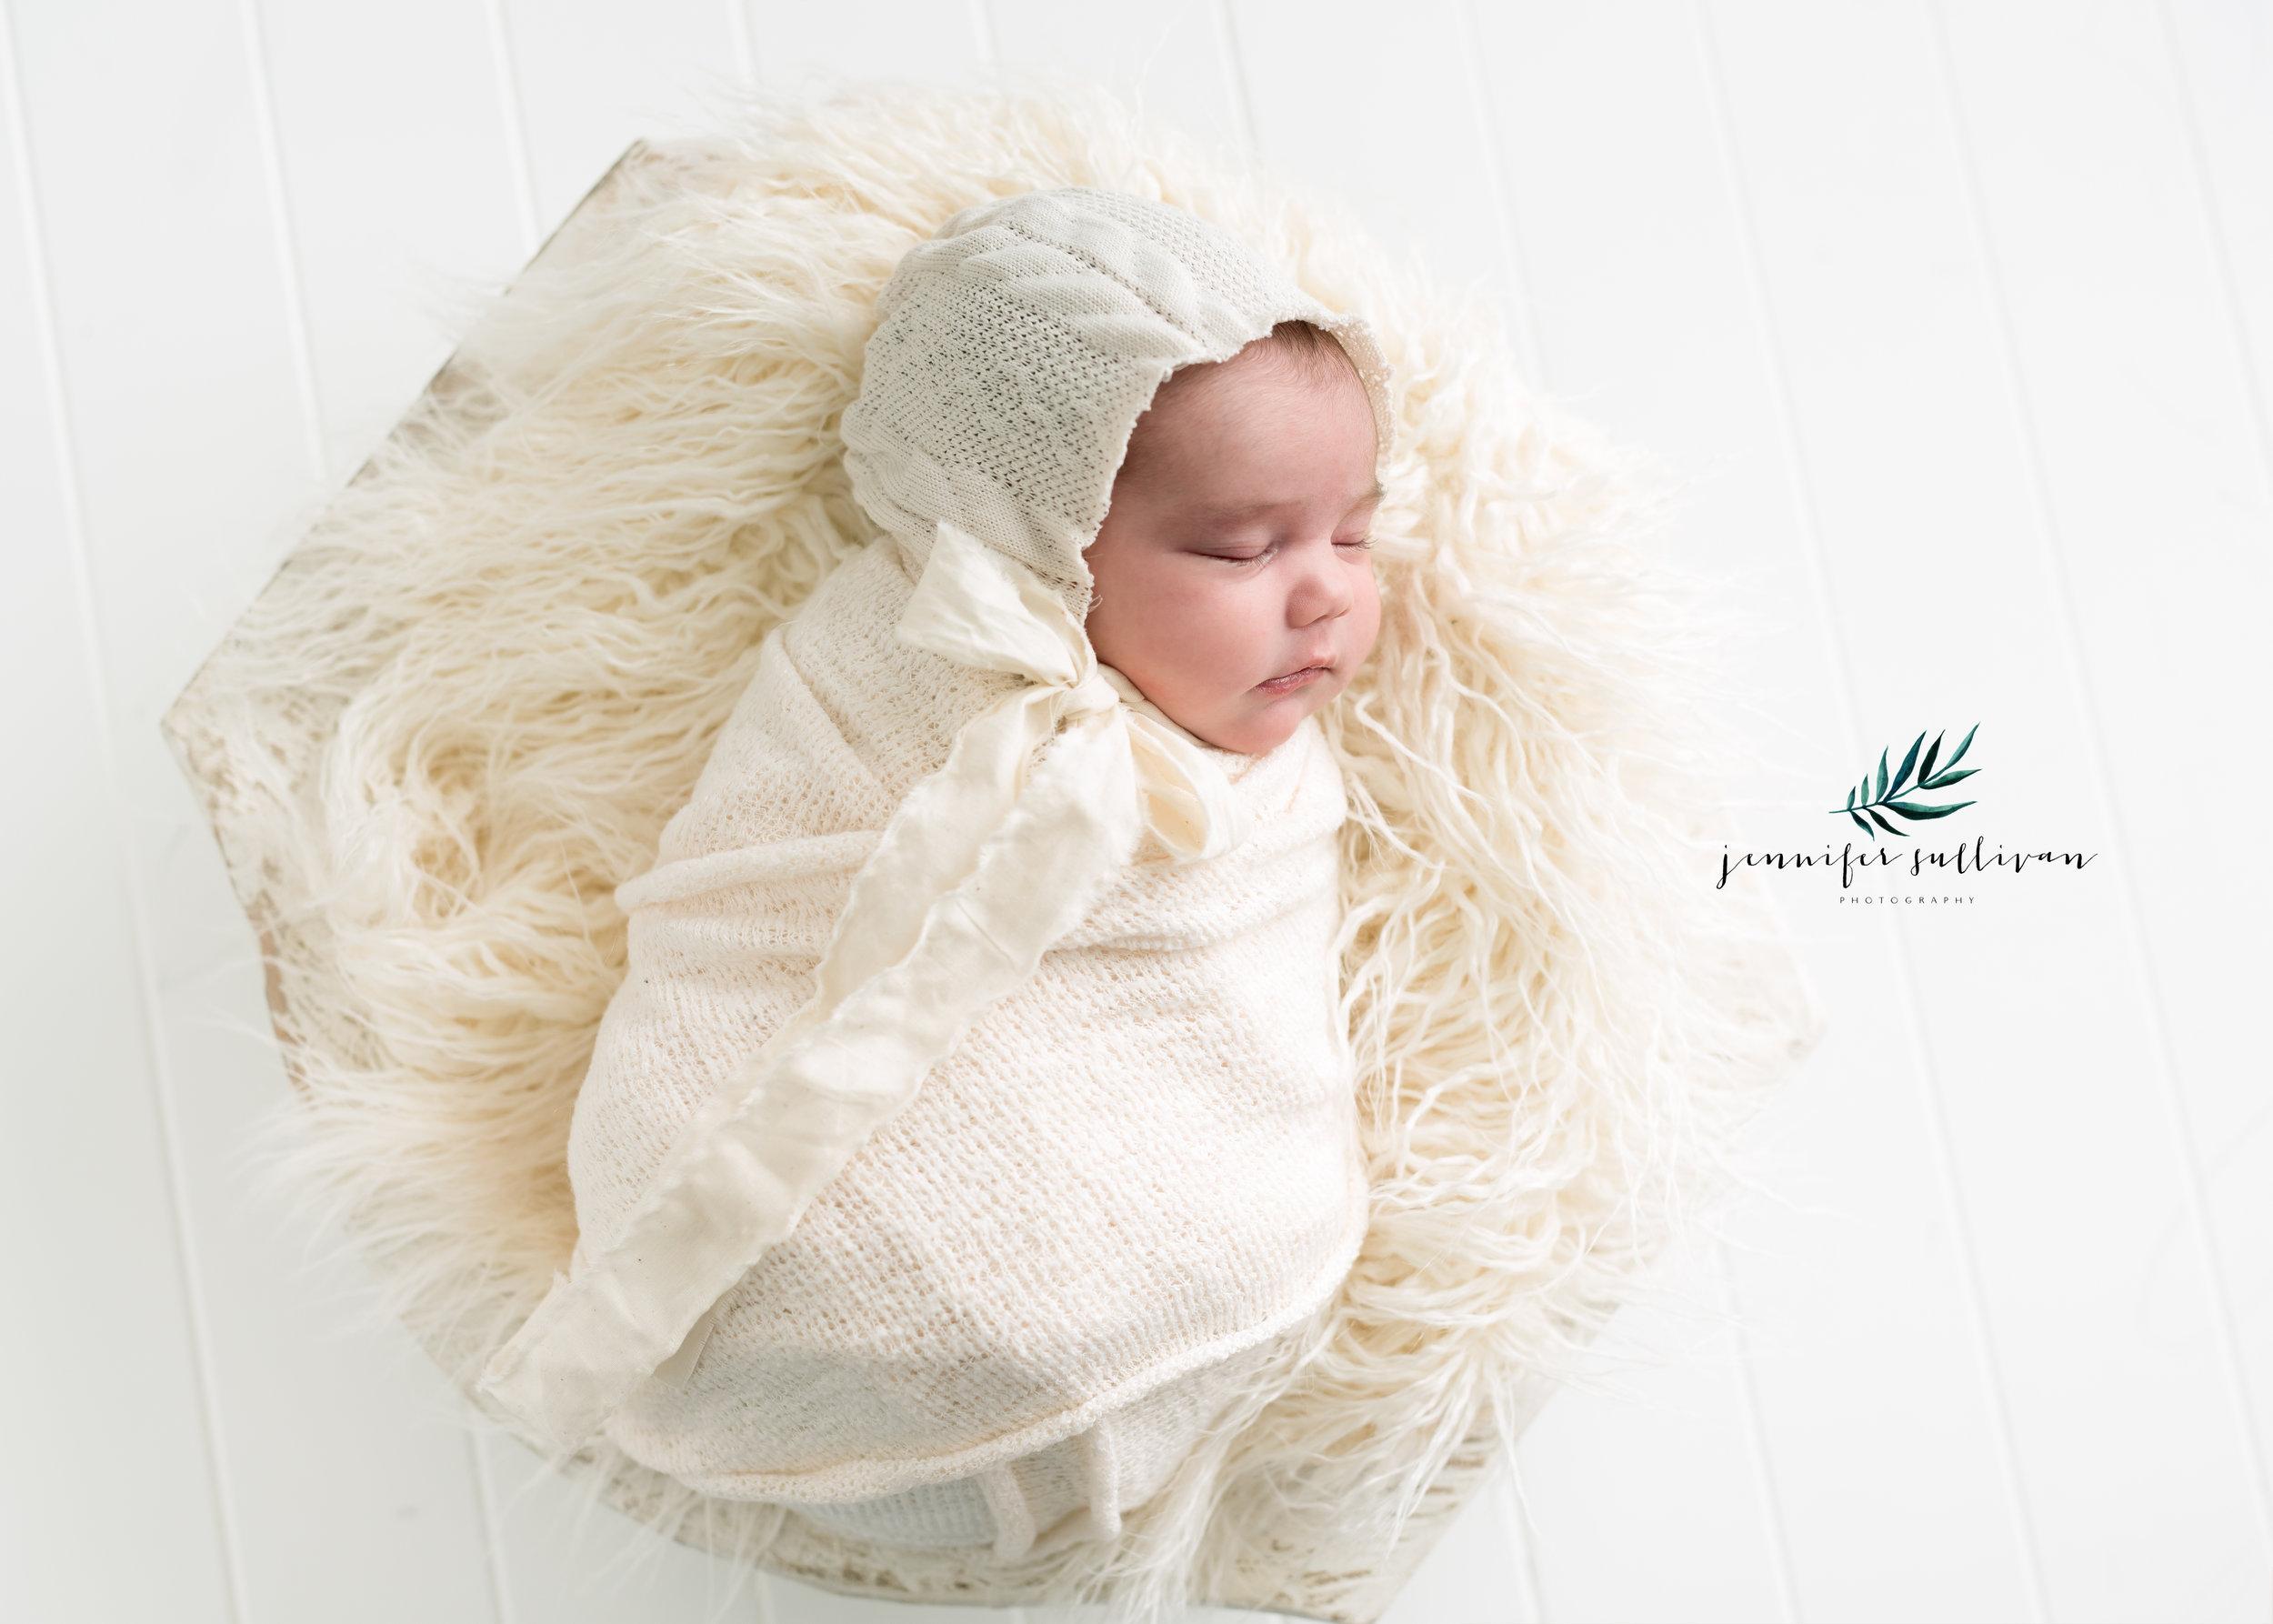 dartmouth massachusetts newborn photographer -400-6.jpg